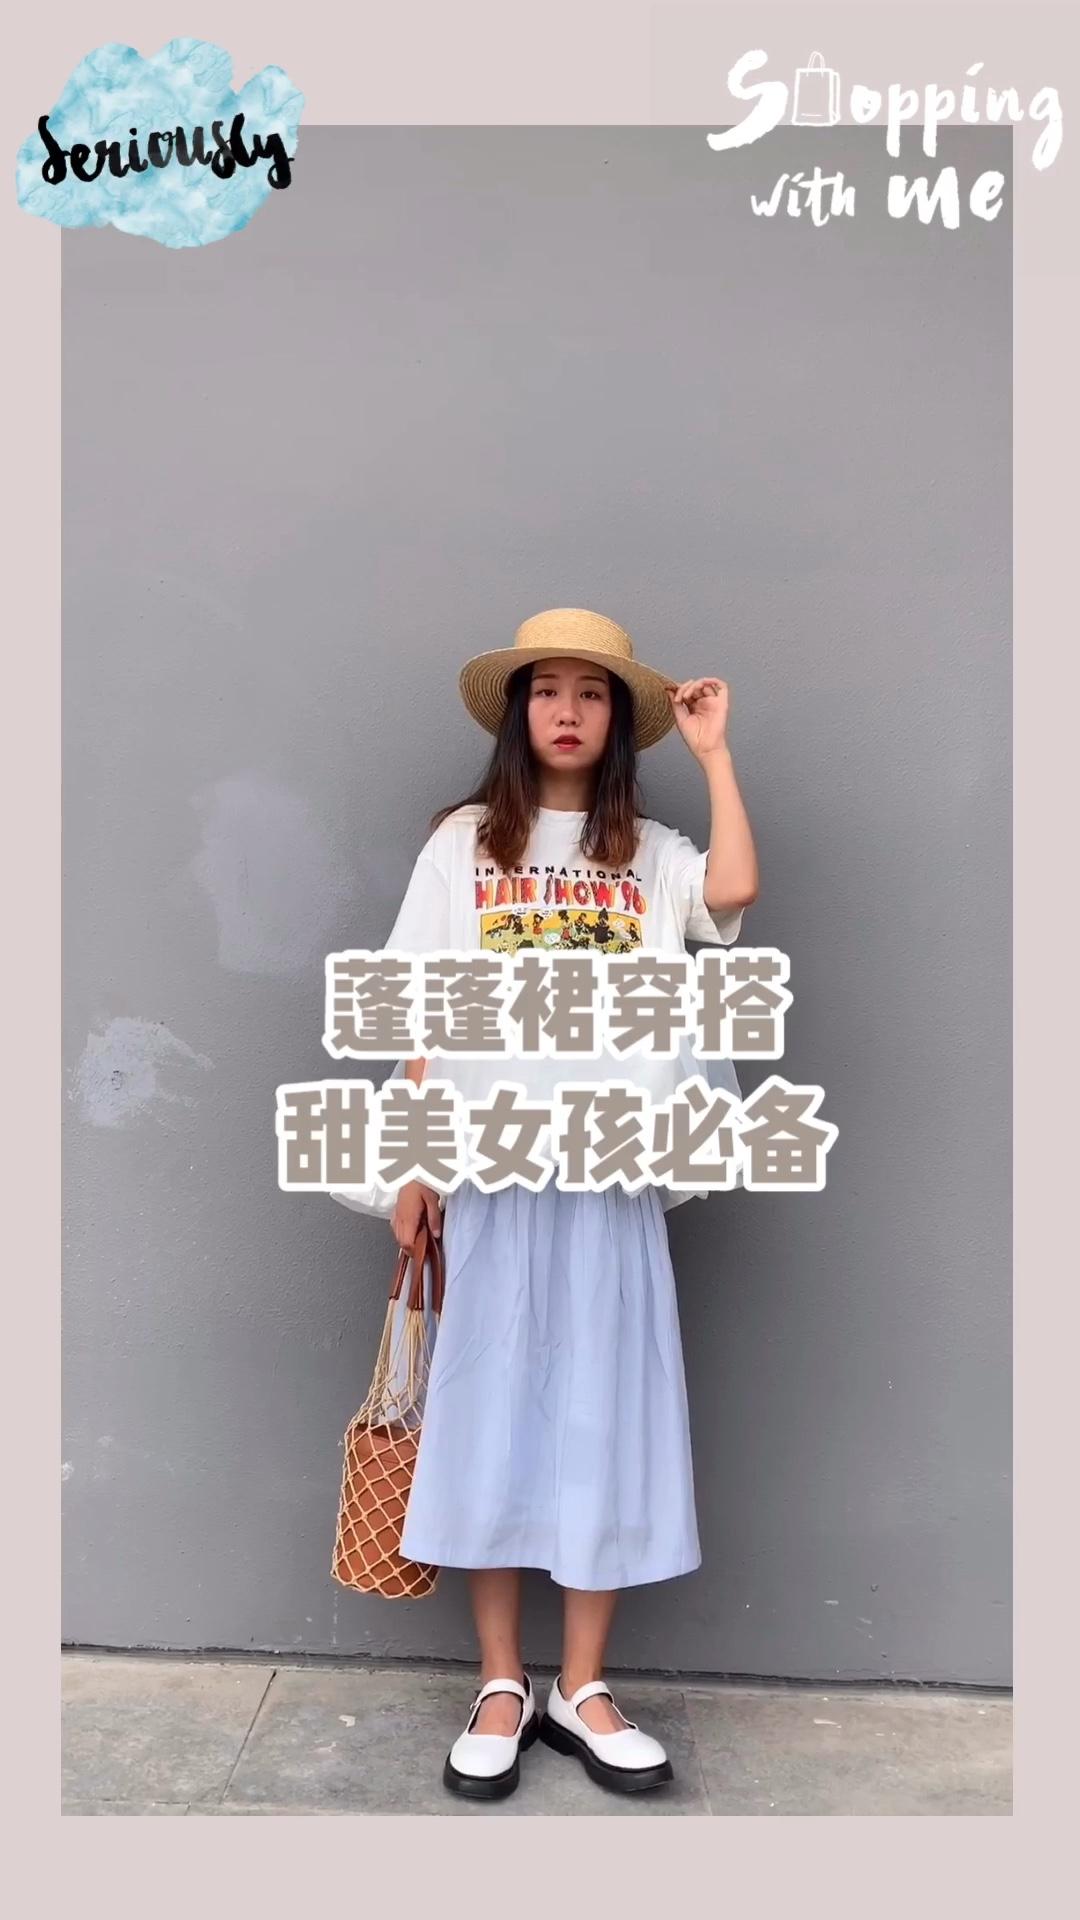 #温柔奶油白,夏日最优解# 风格百变的学生党穿搭✨ 蓬蓬裙穿搭 甜美女孩必备 裙子套穿是一个非常特别的搭配 蓬蓬的纱裙T恤非常的可爱 搭配蓬蓬的蓝色半身裙又很夏日清新 两个蓬蓬裙叠穿在一起很特别 也很甜美 希望学生党妹子们美美哒 我们一起学穿搭呀❤️